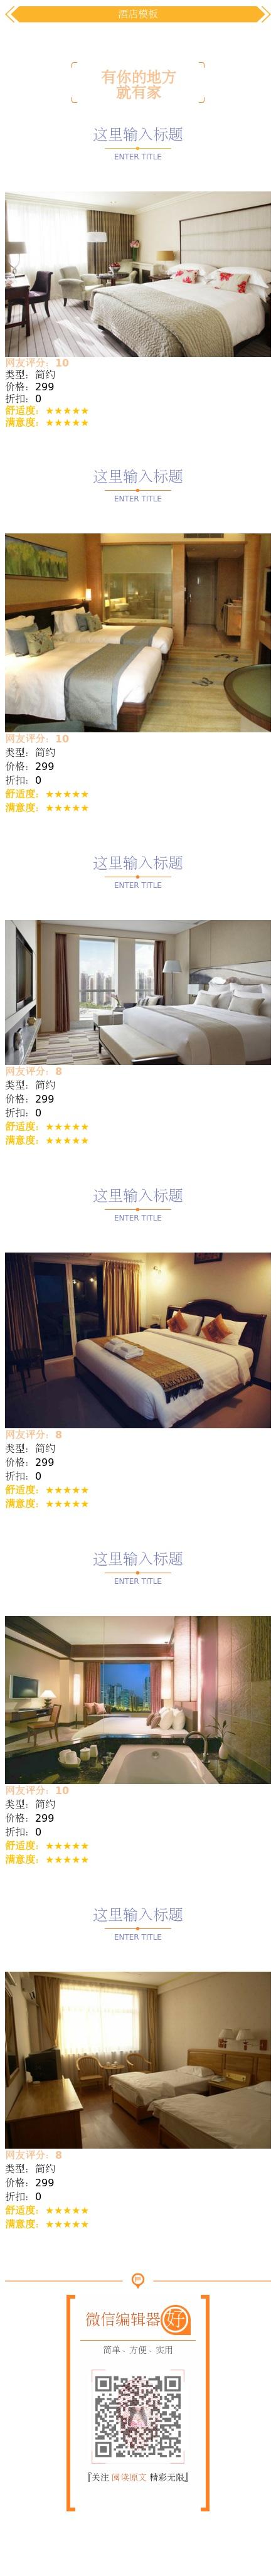 酒店服务类商品模板,微信公众号大图商品推广全文模板